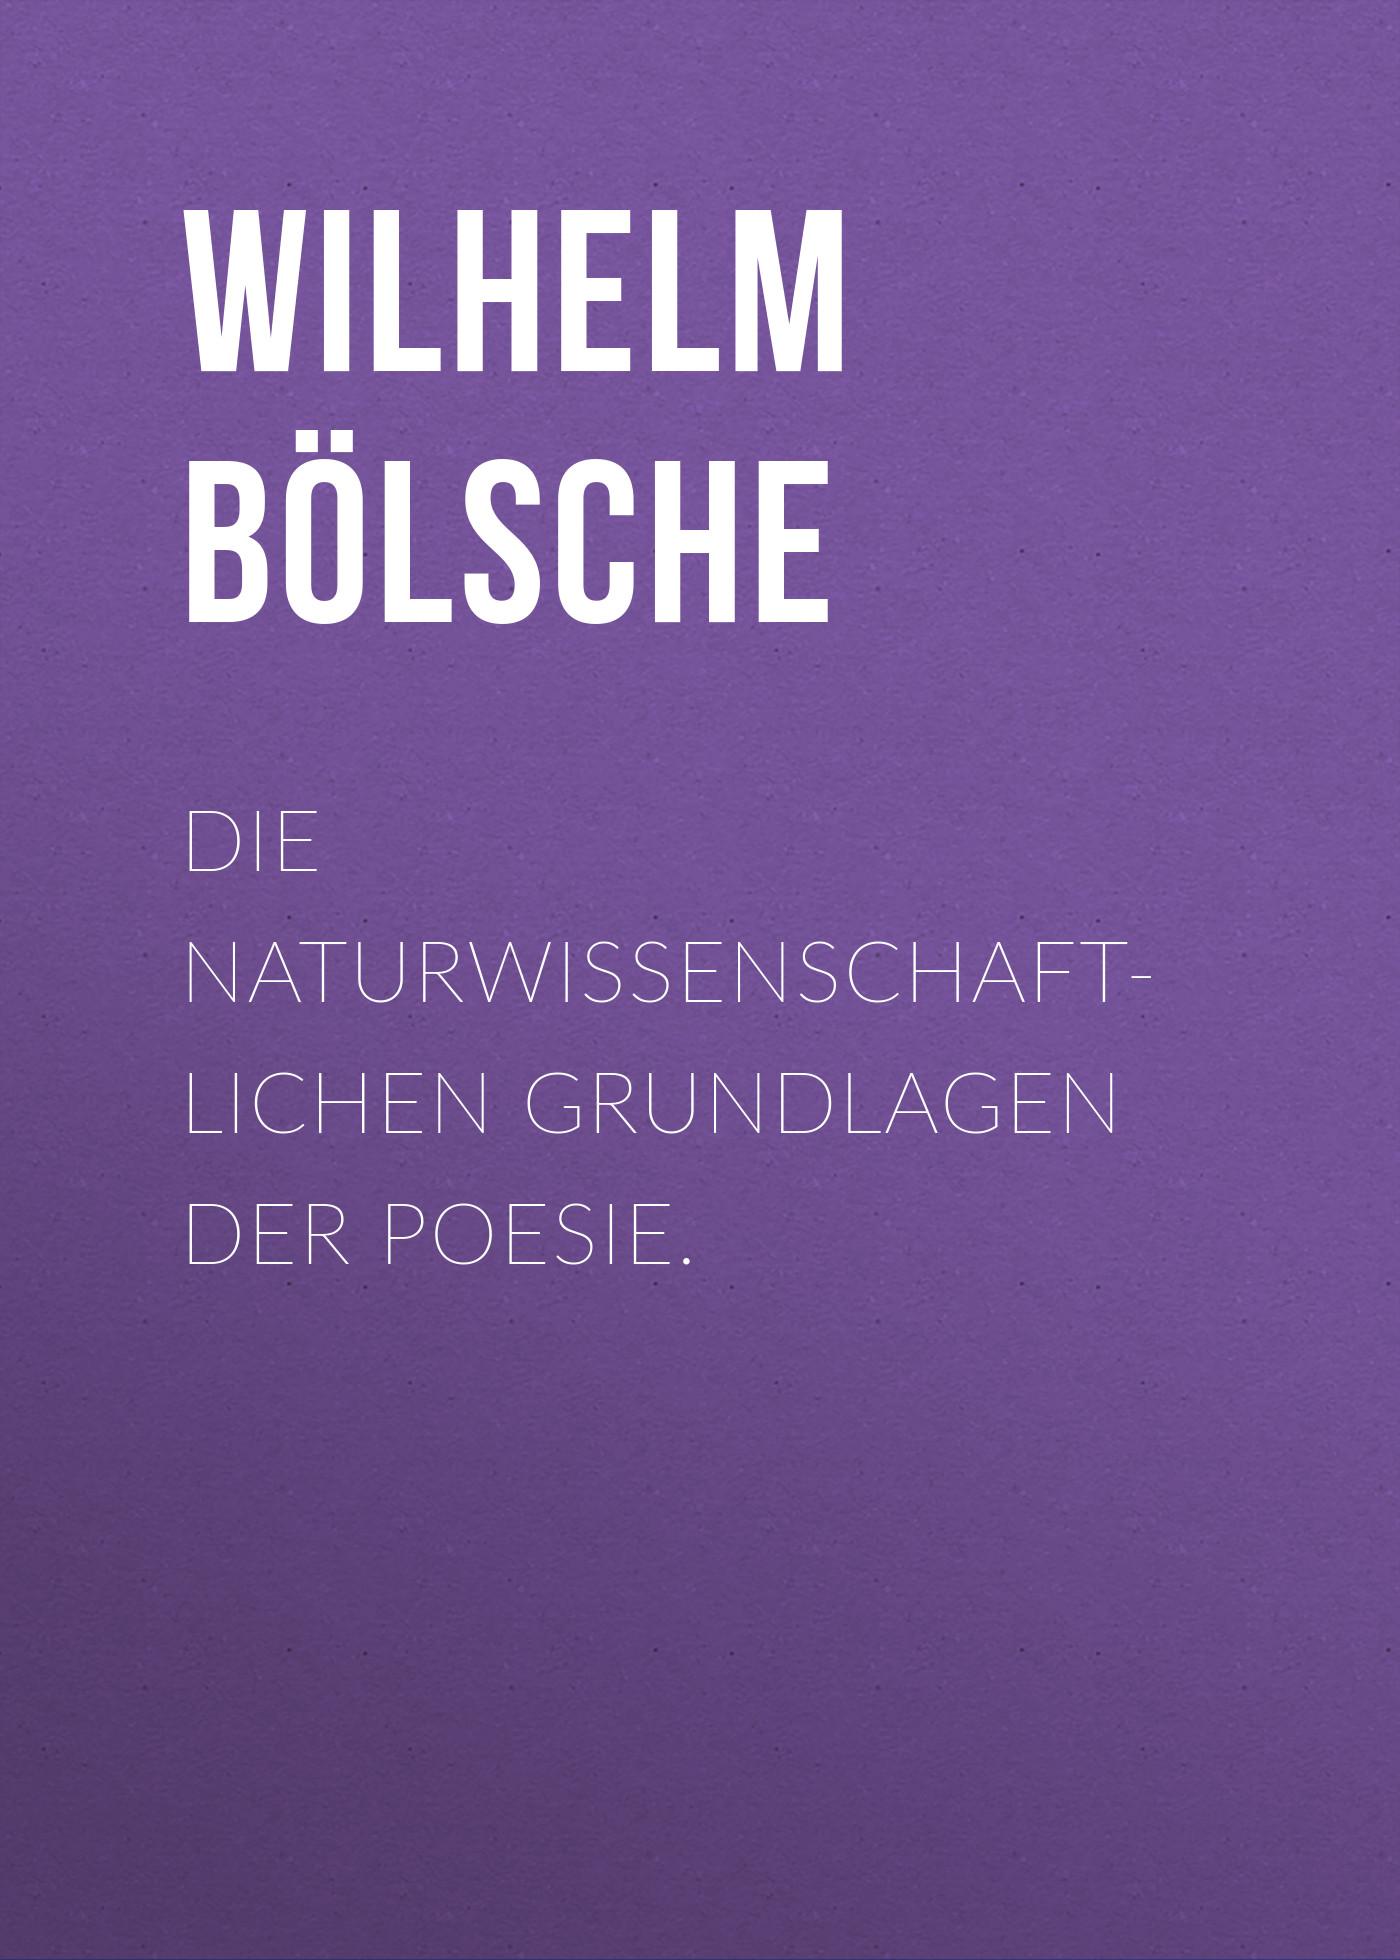 Wilhelm Bölsche Die naturwissenschaftlichen Grundlagen der Poesie. kindmann rolf stahlbau teil 1 grundlagen